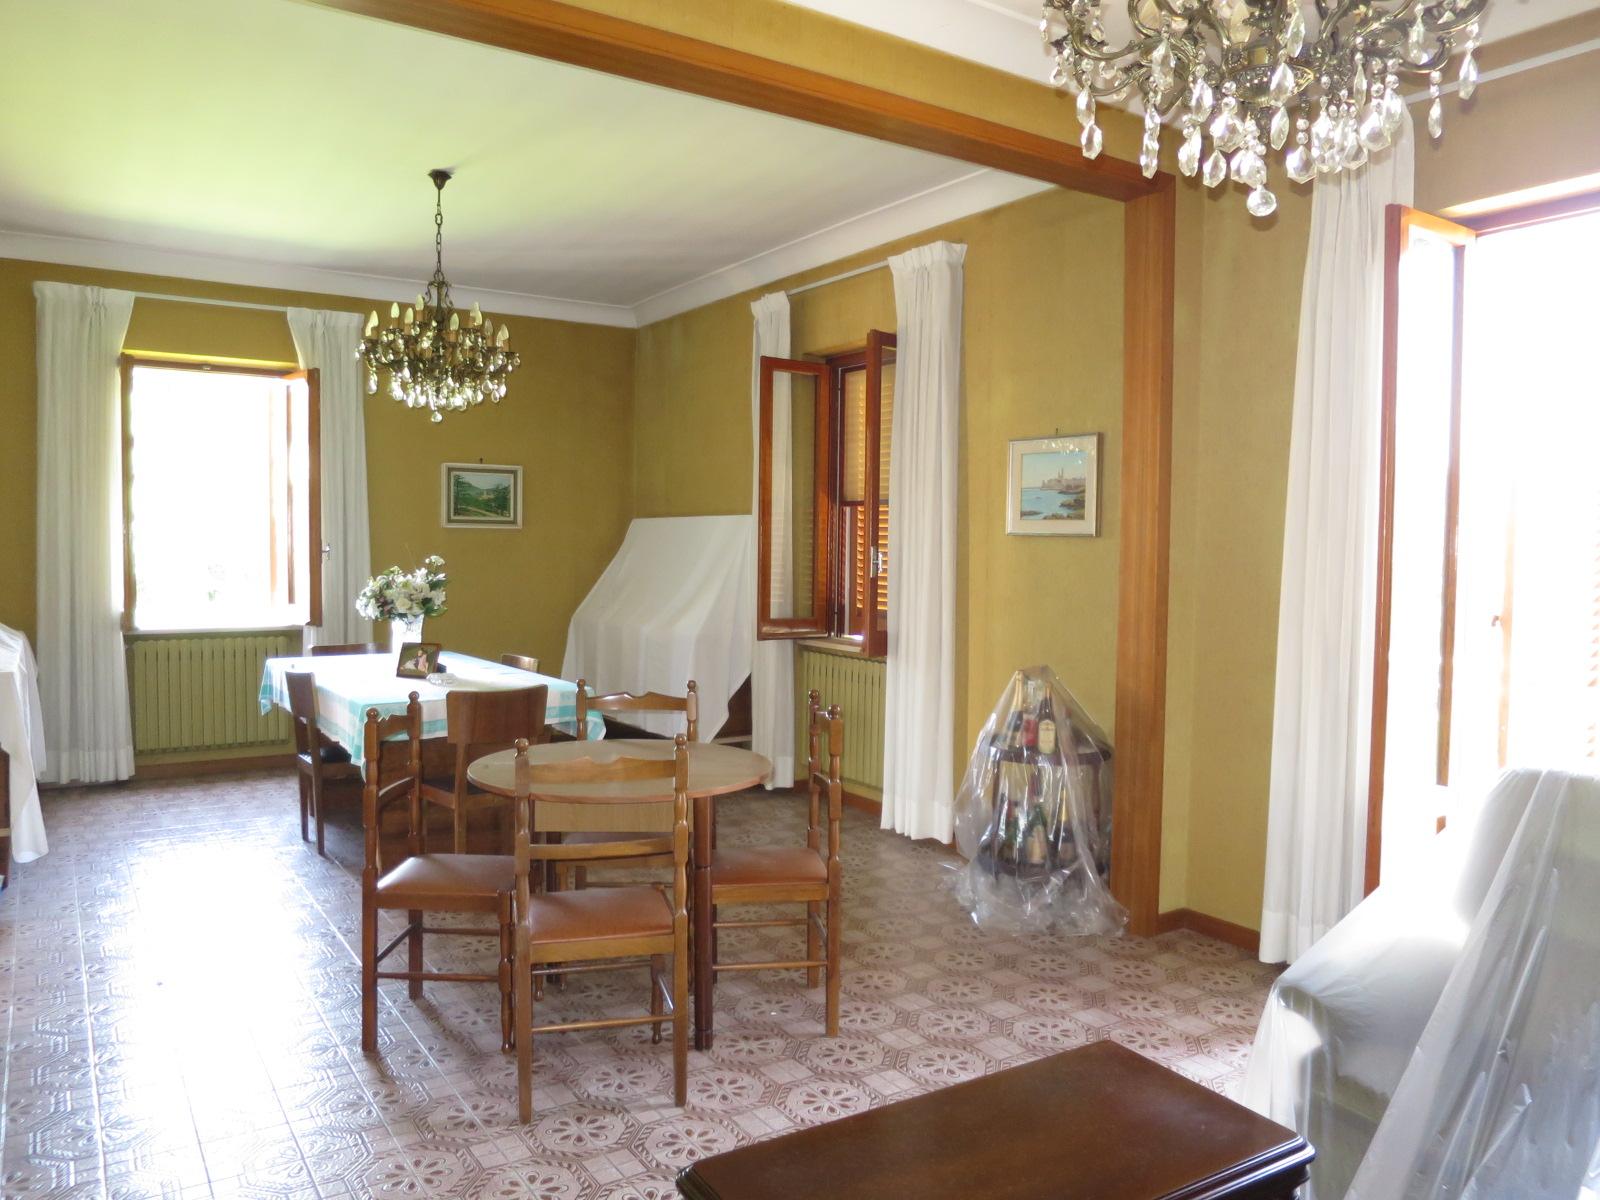 Villa Villa for sale Roseto degli Abruzzi (TE), Villa del Marinaio - Roseto degli Abruzzi - EUR 385.559 590